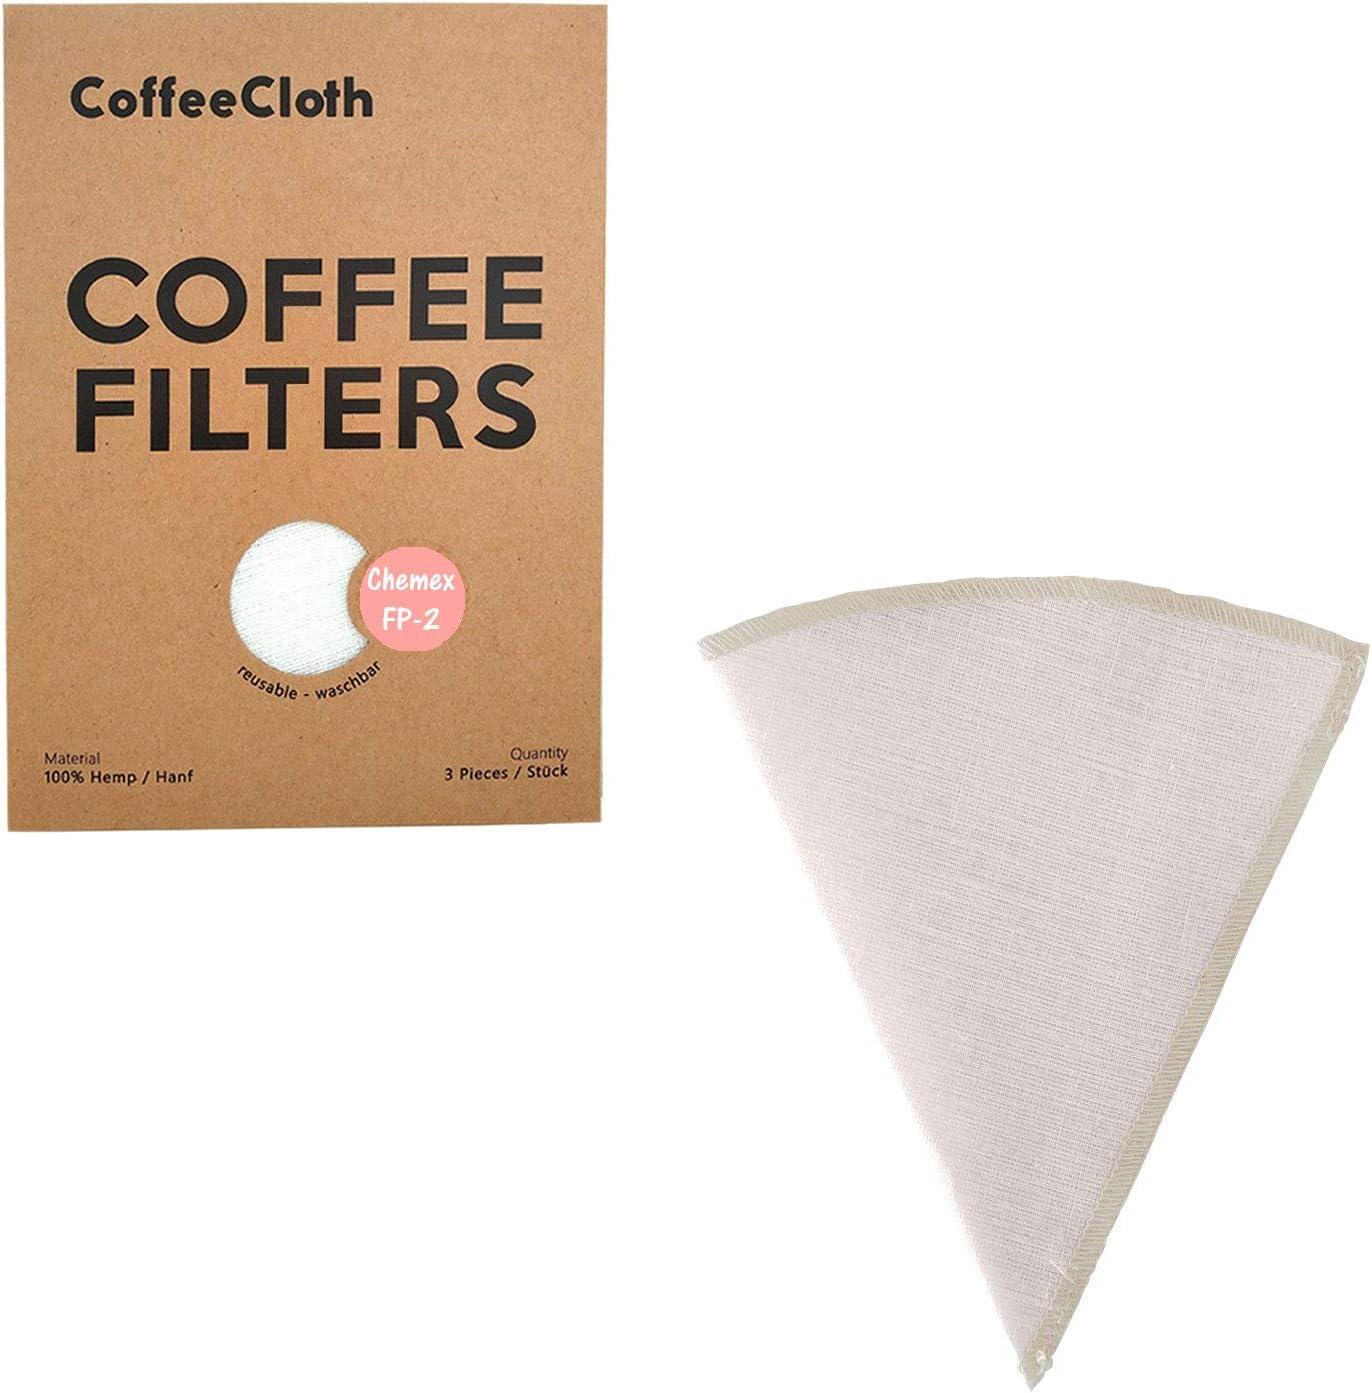 Earthtopia 3 Pack de Filtros De Café Reutilizables De Tela  100% Cáñamo   Bolsas De Filtro de Café Y Eco-Amigables   Filtros Permanentes (adecuado para Chemex FP-2)